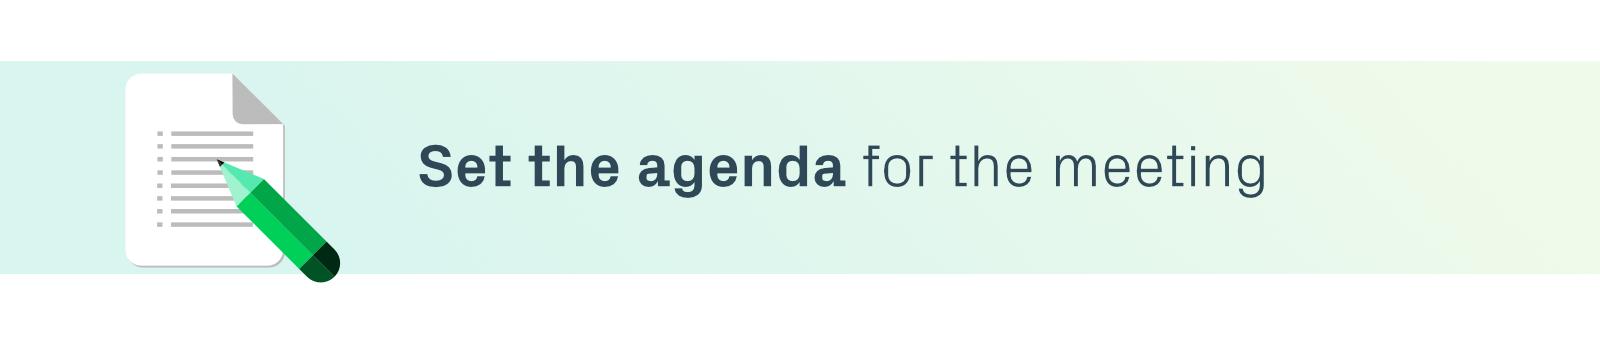 4_agenda